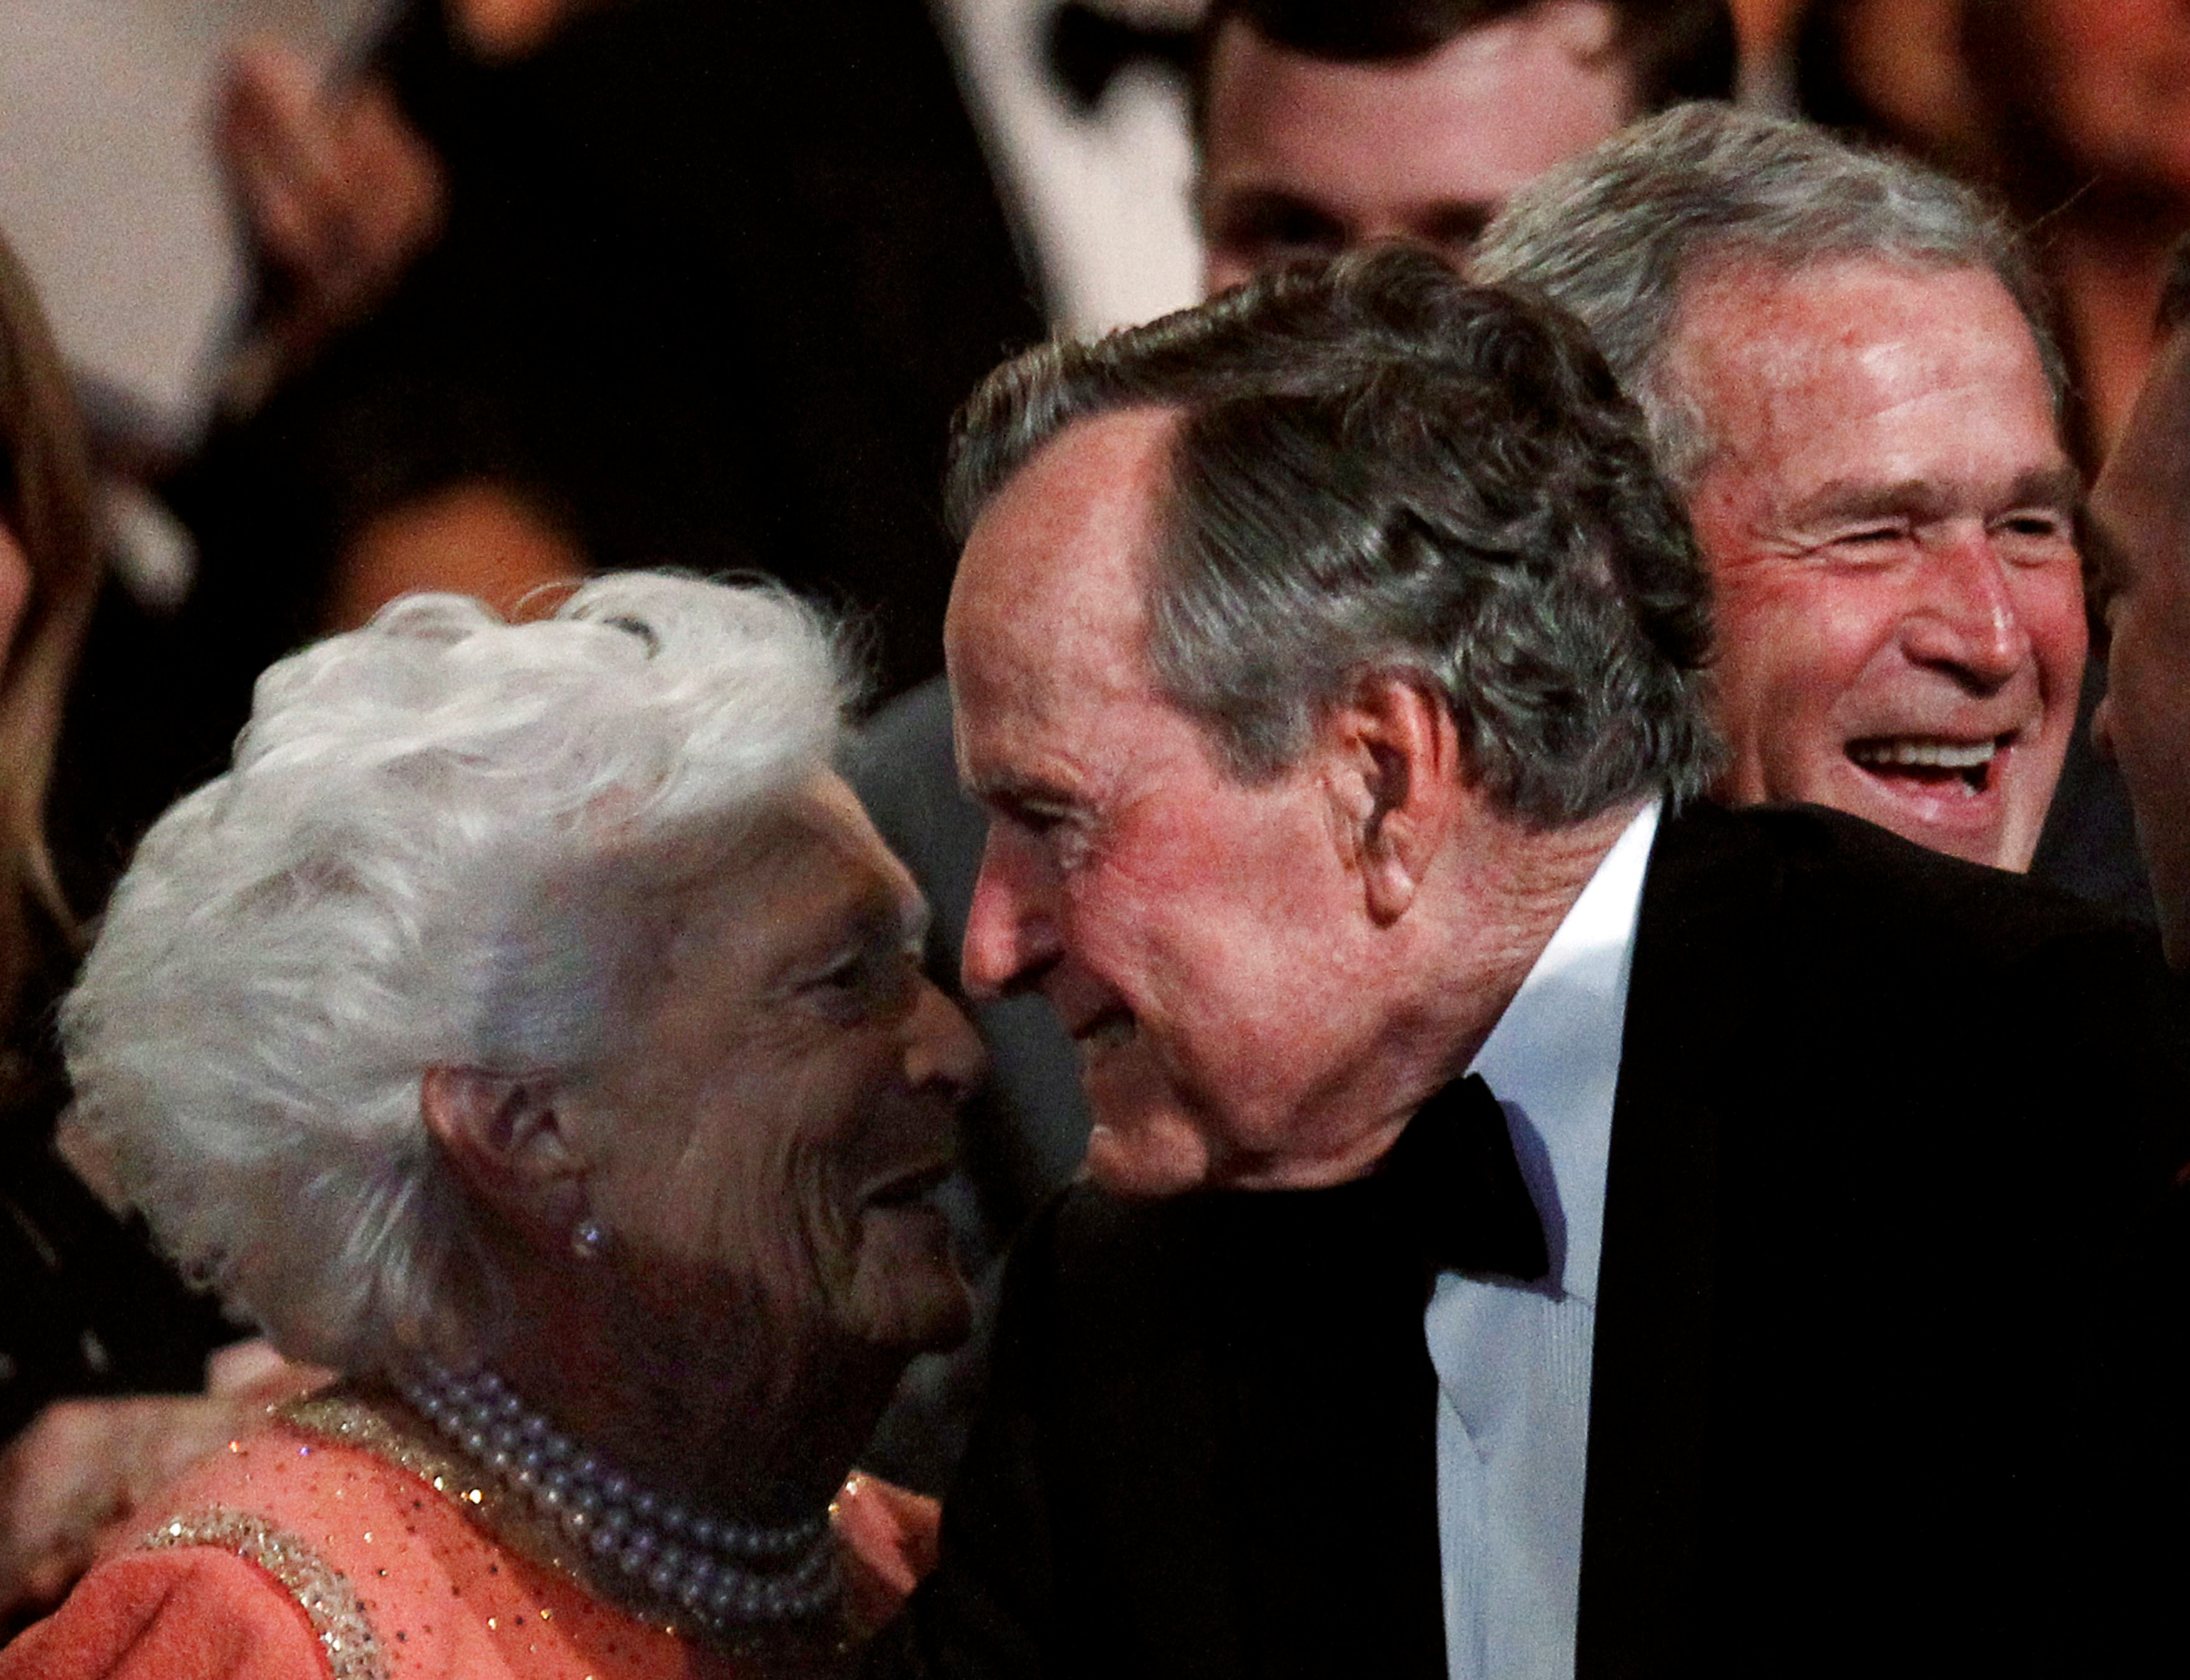 جورج بوش الأب  الرئيس الأمريكى الأسبق  (10)